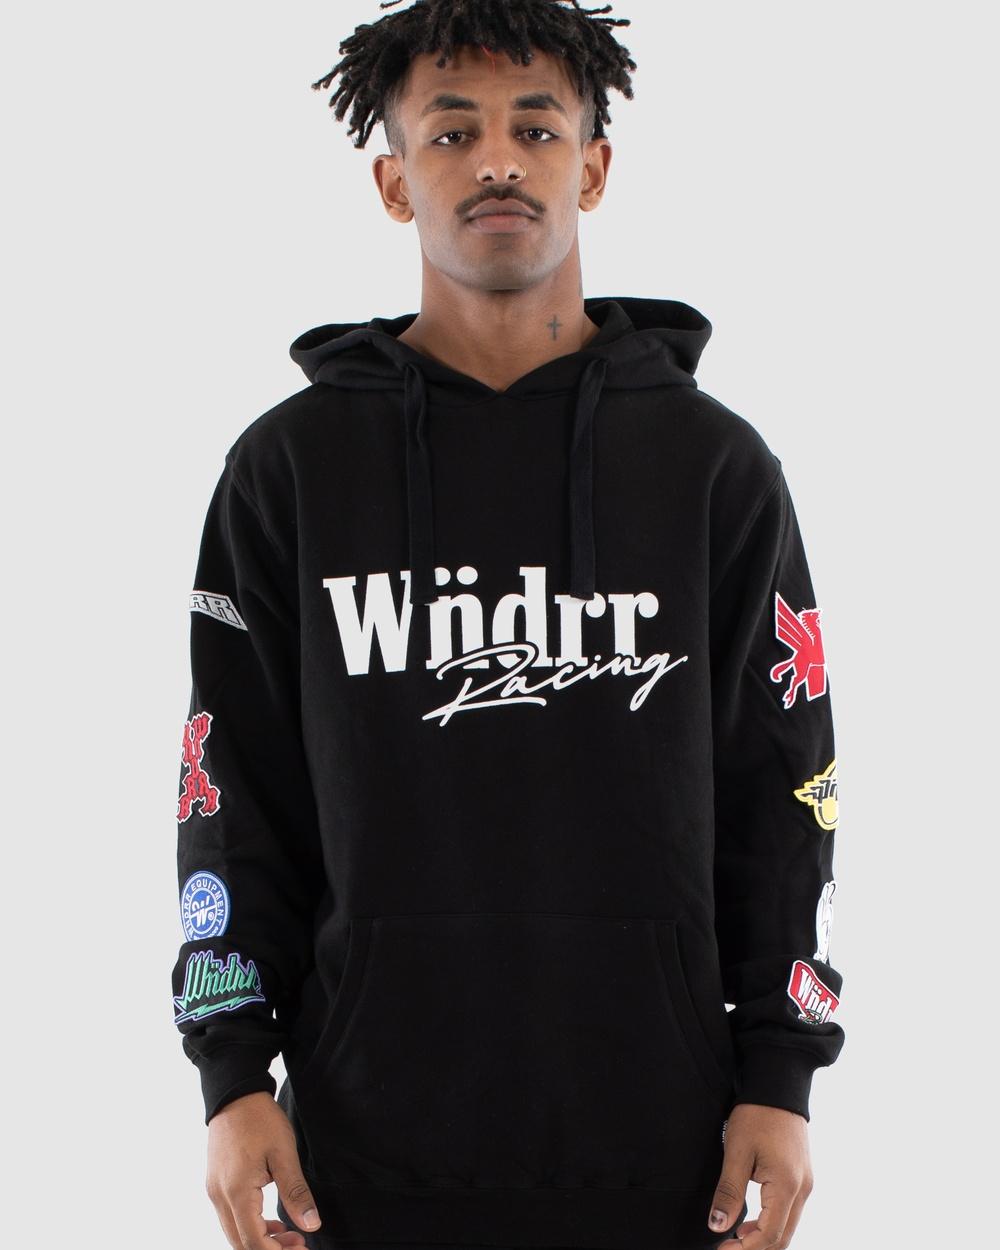 WNDRR Exceed Hood Sweat Hoodies Black Australia